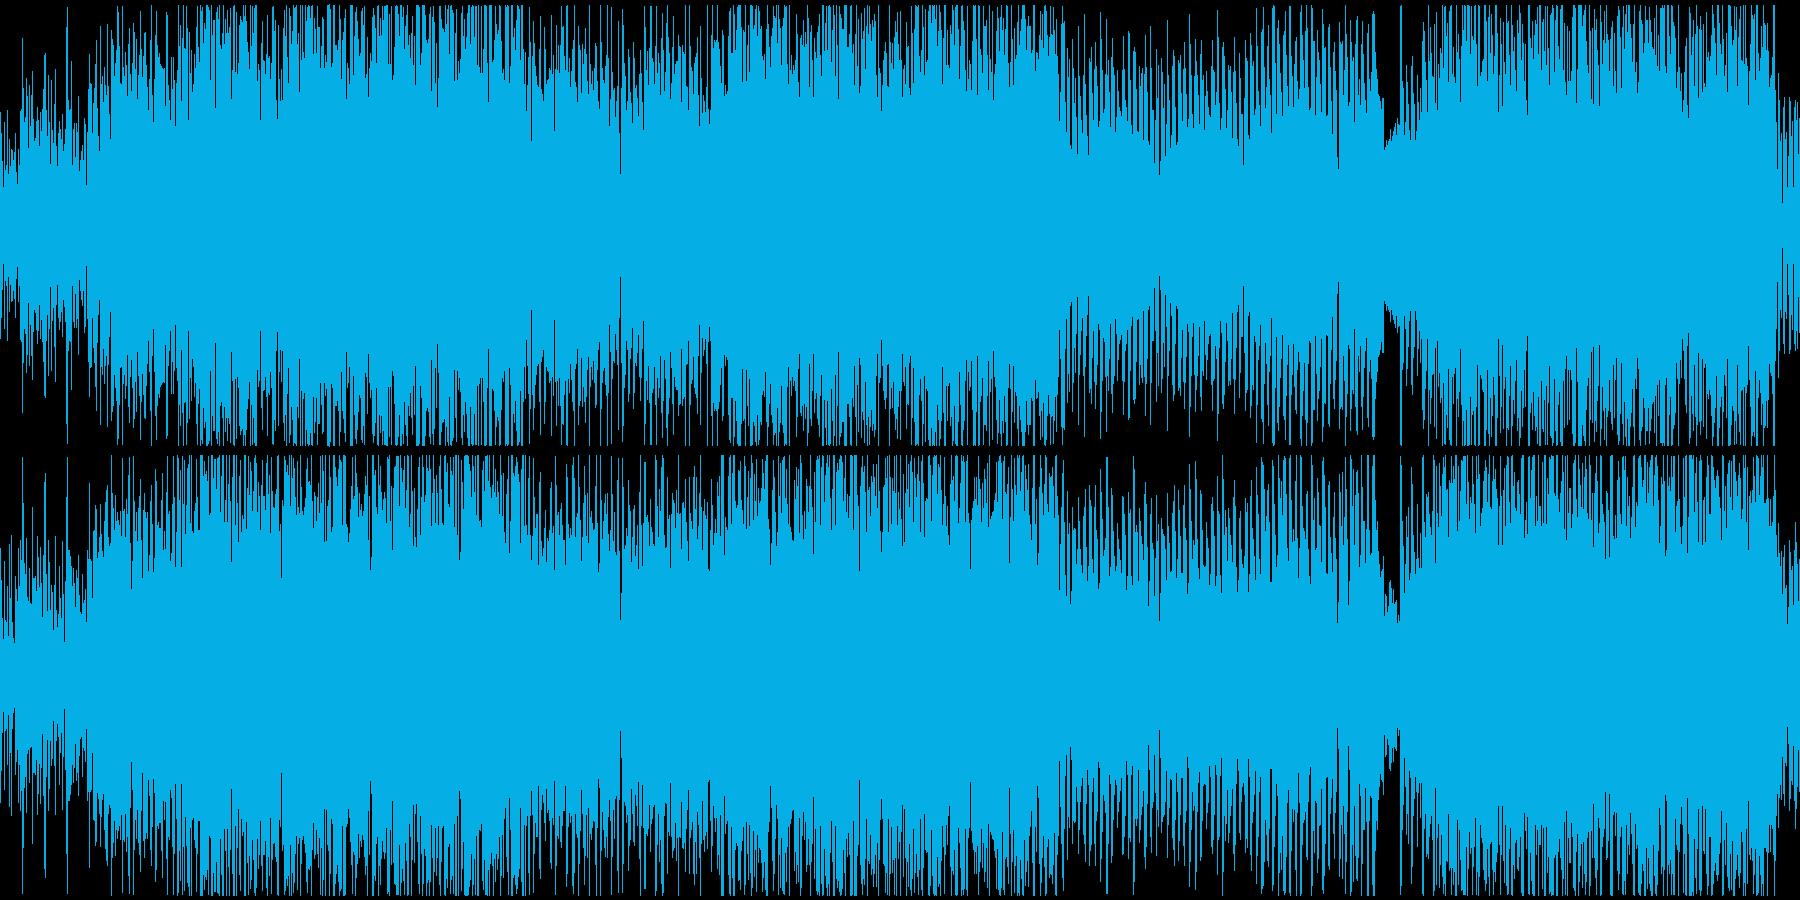 ループ ギターとシンセサイザのリフの再生済みの波形